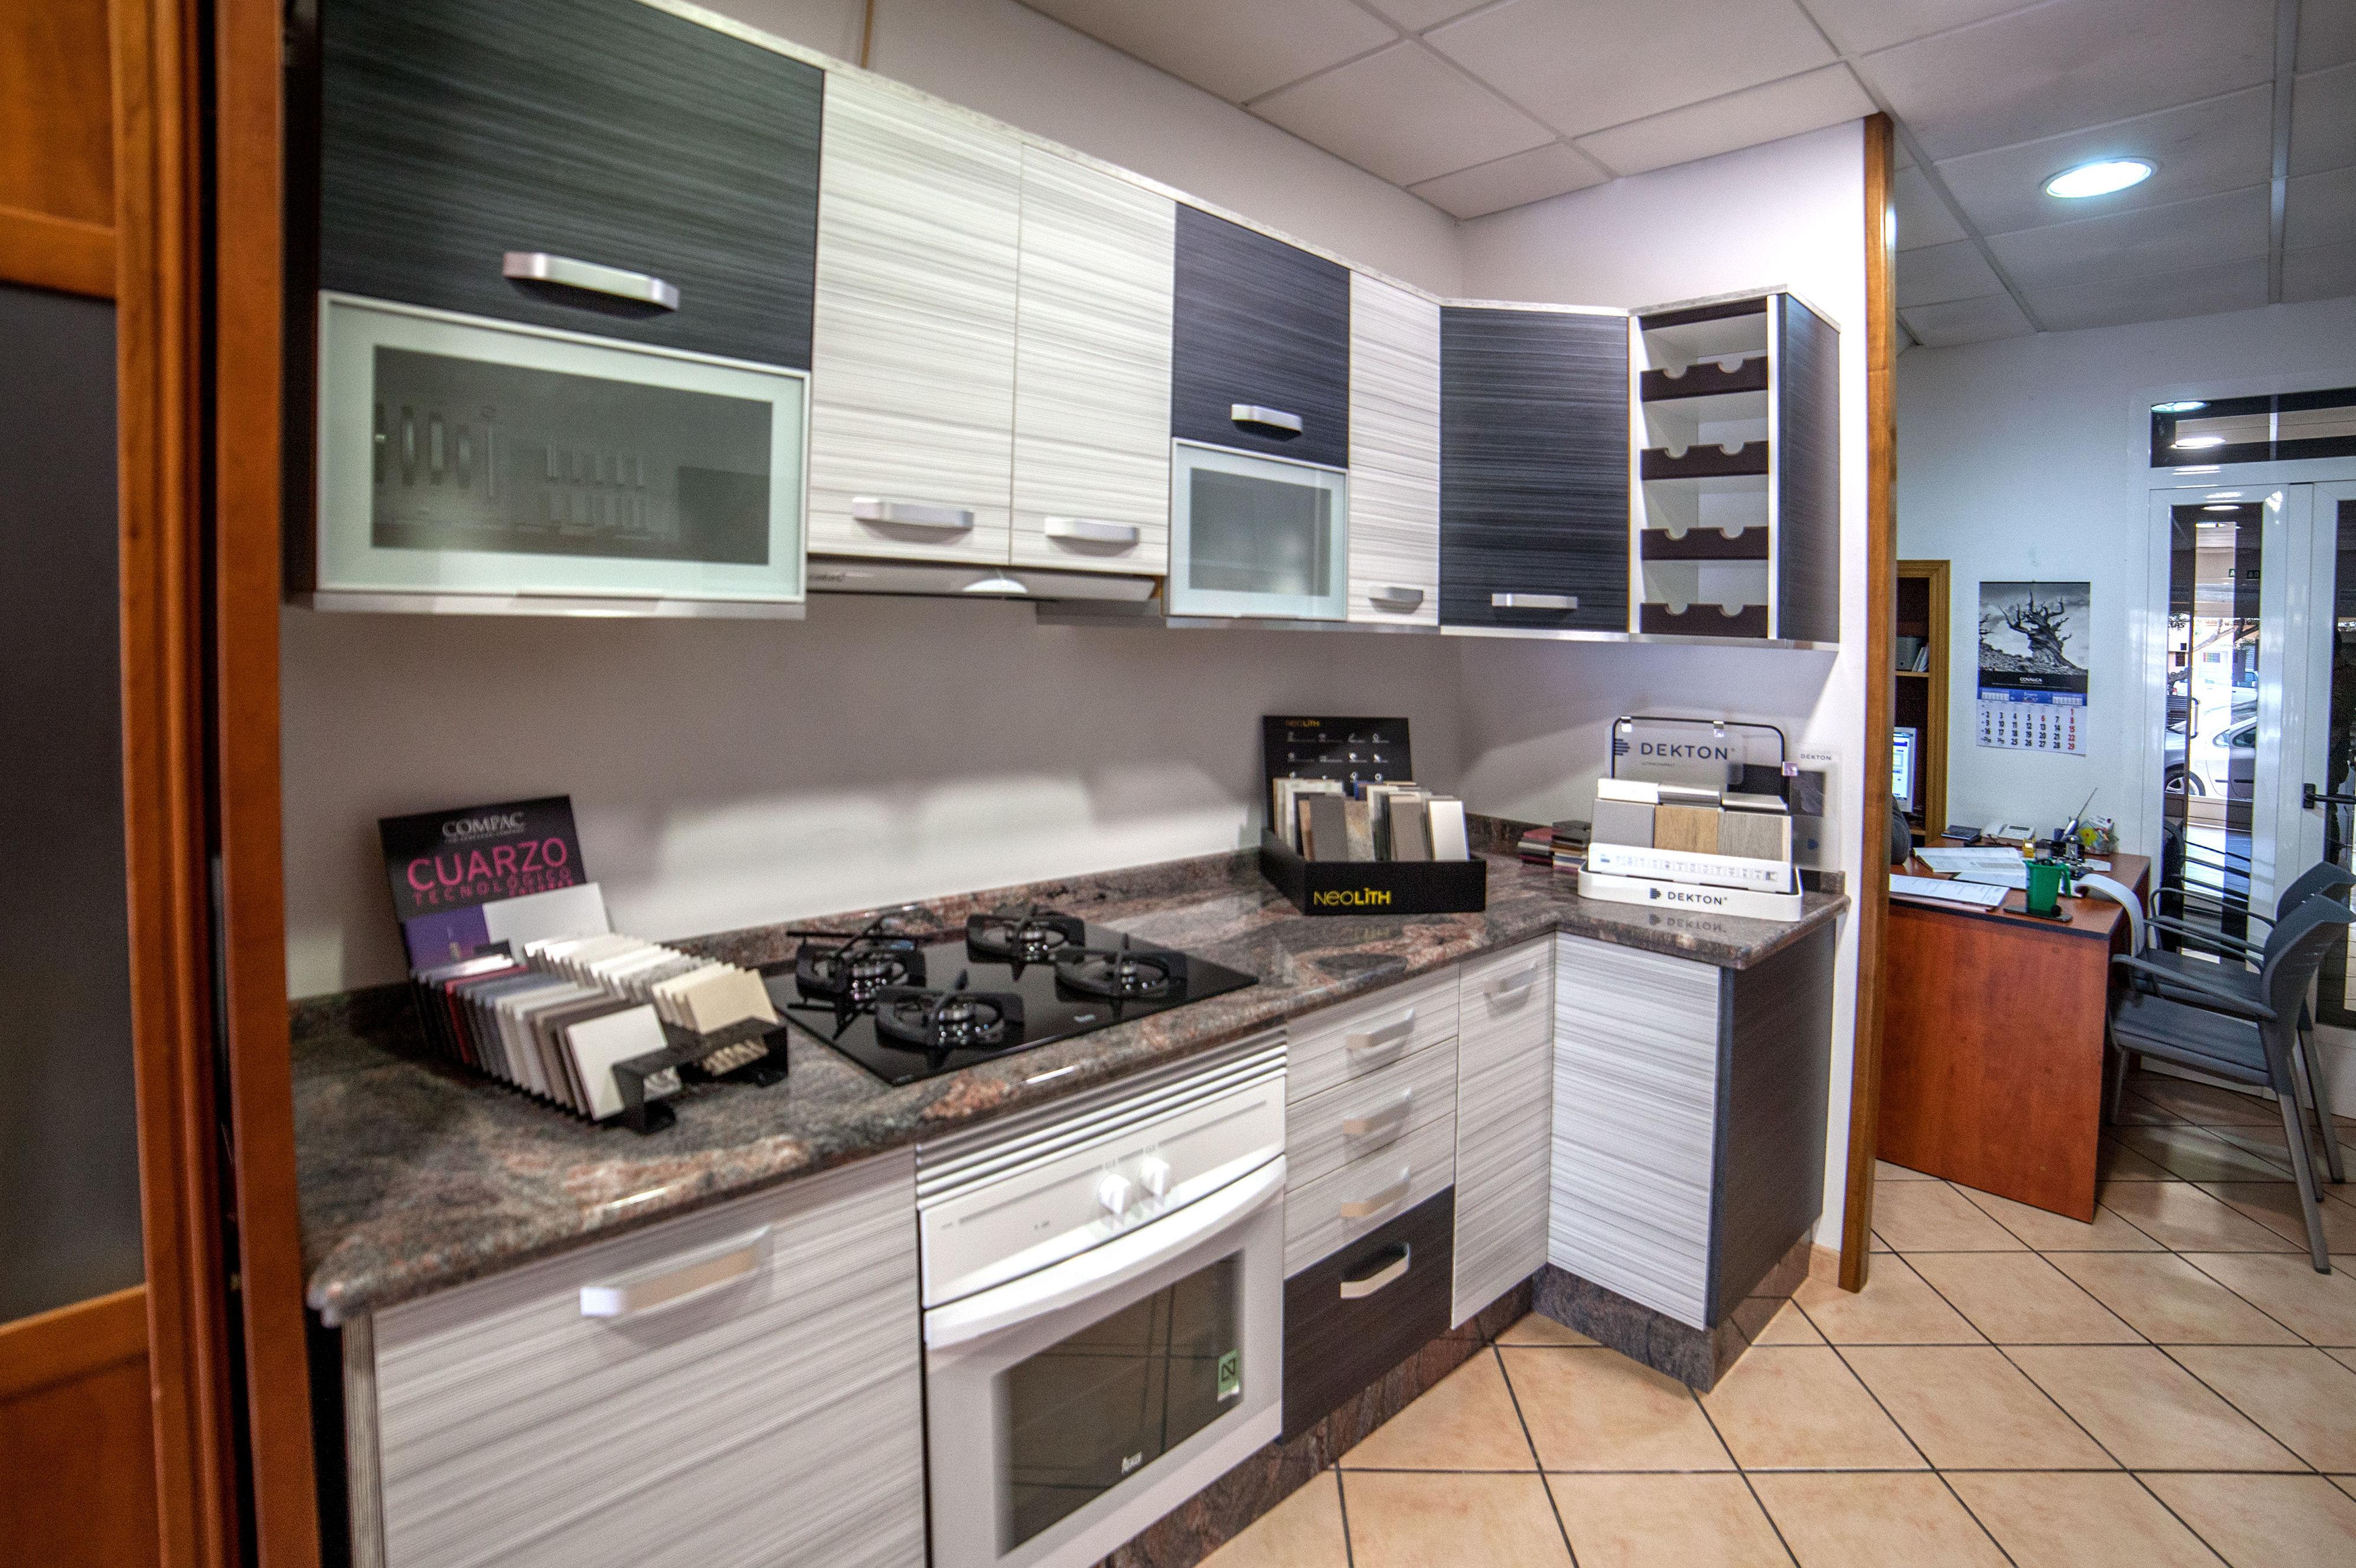 Foto 5 De Muebles De Cocina En El Grao De Castell N Modul Grau  # Muebles Castellon